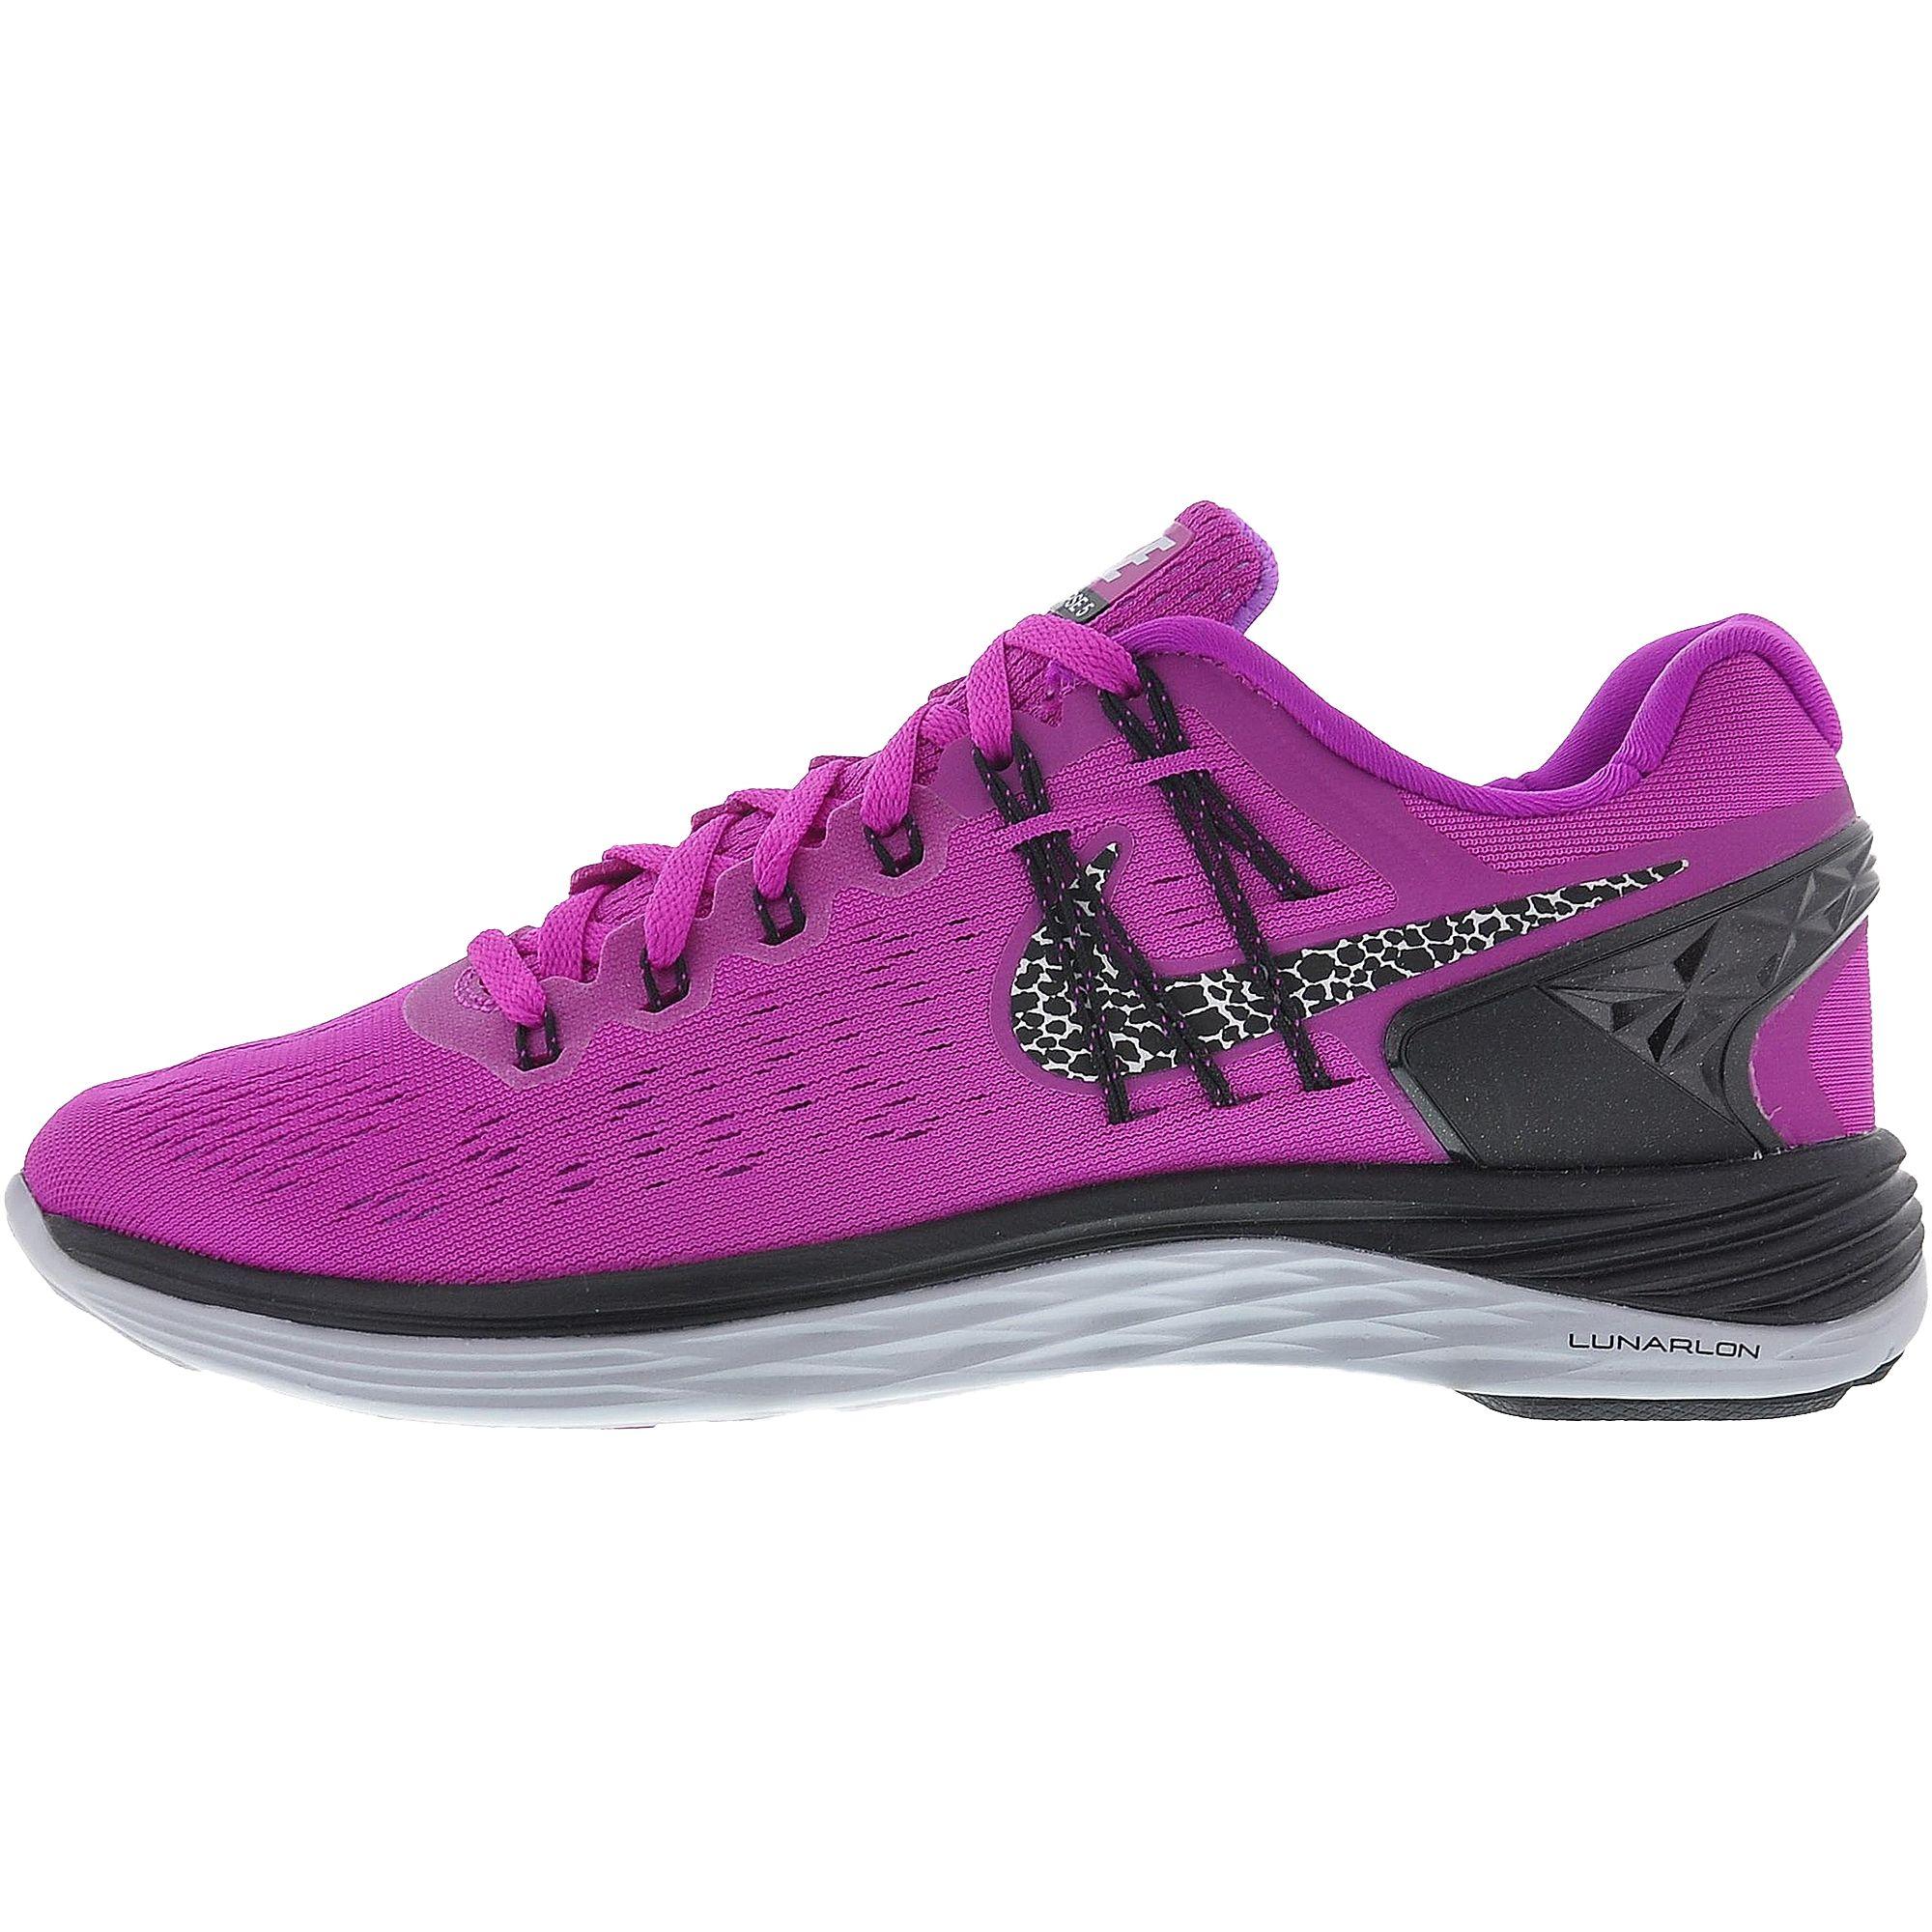 Nike Lunareclipse 5 Spor Ayakkabi